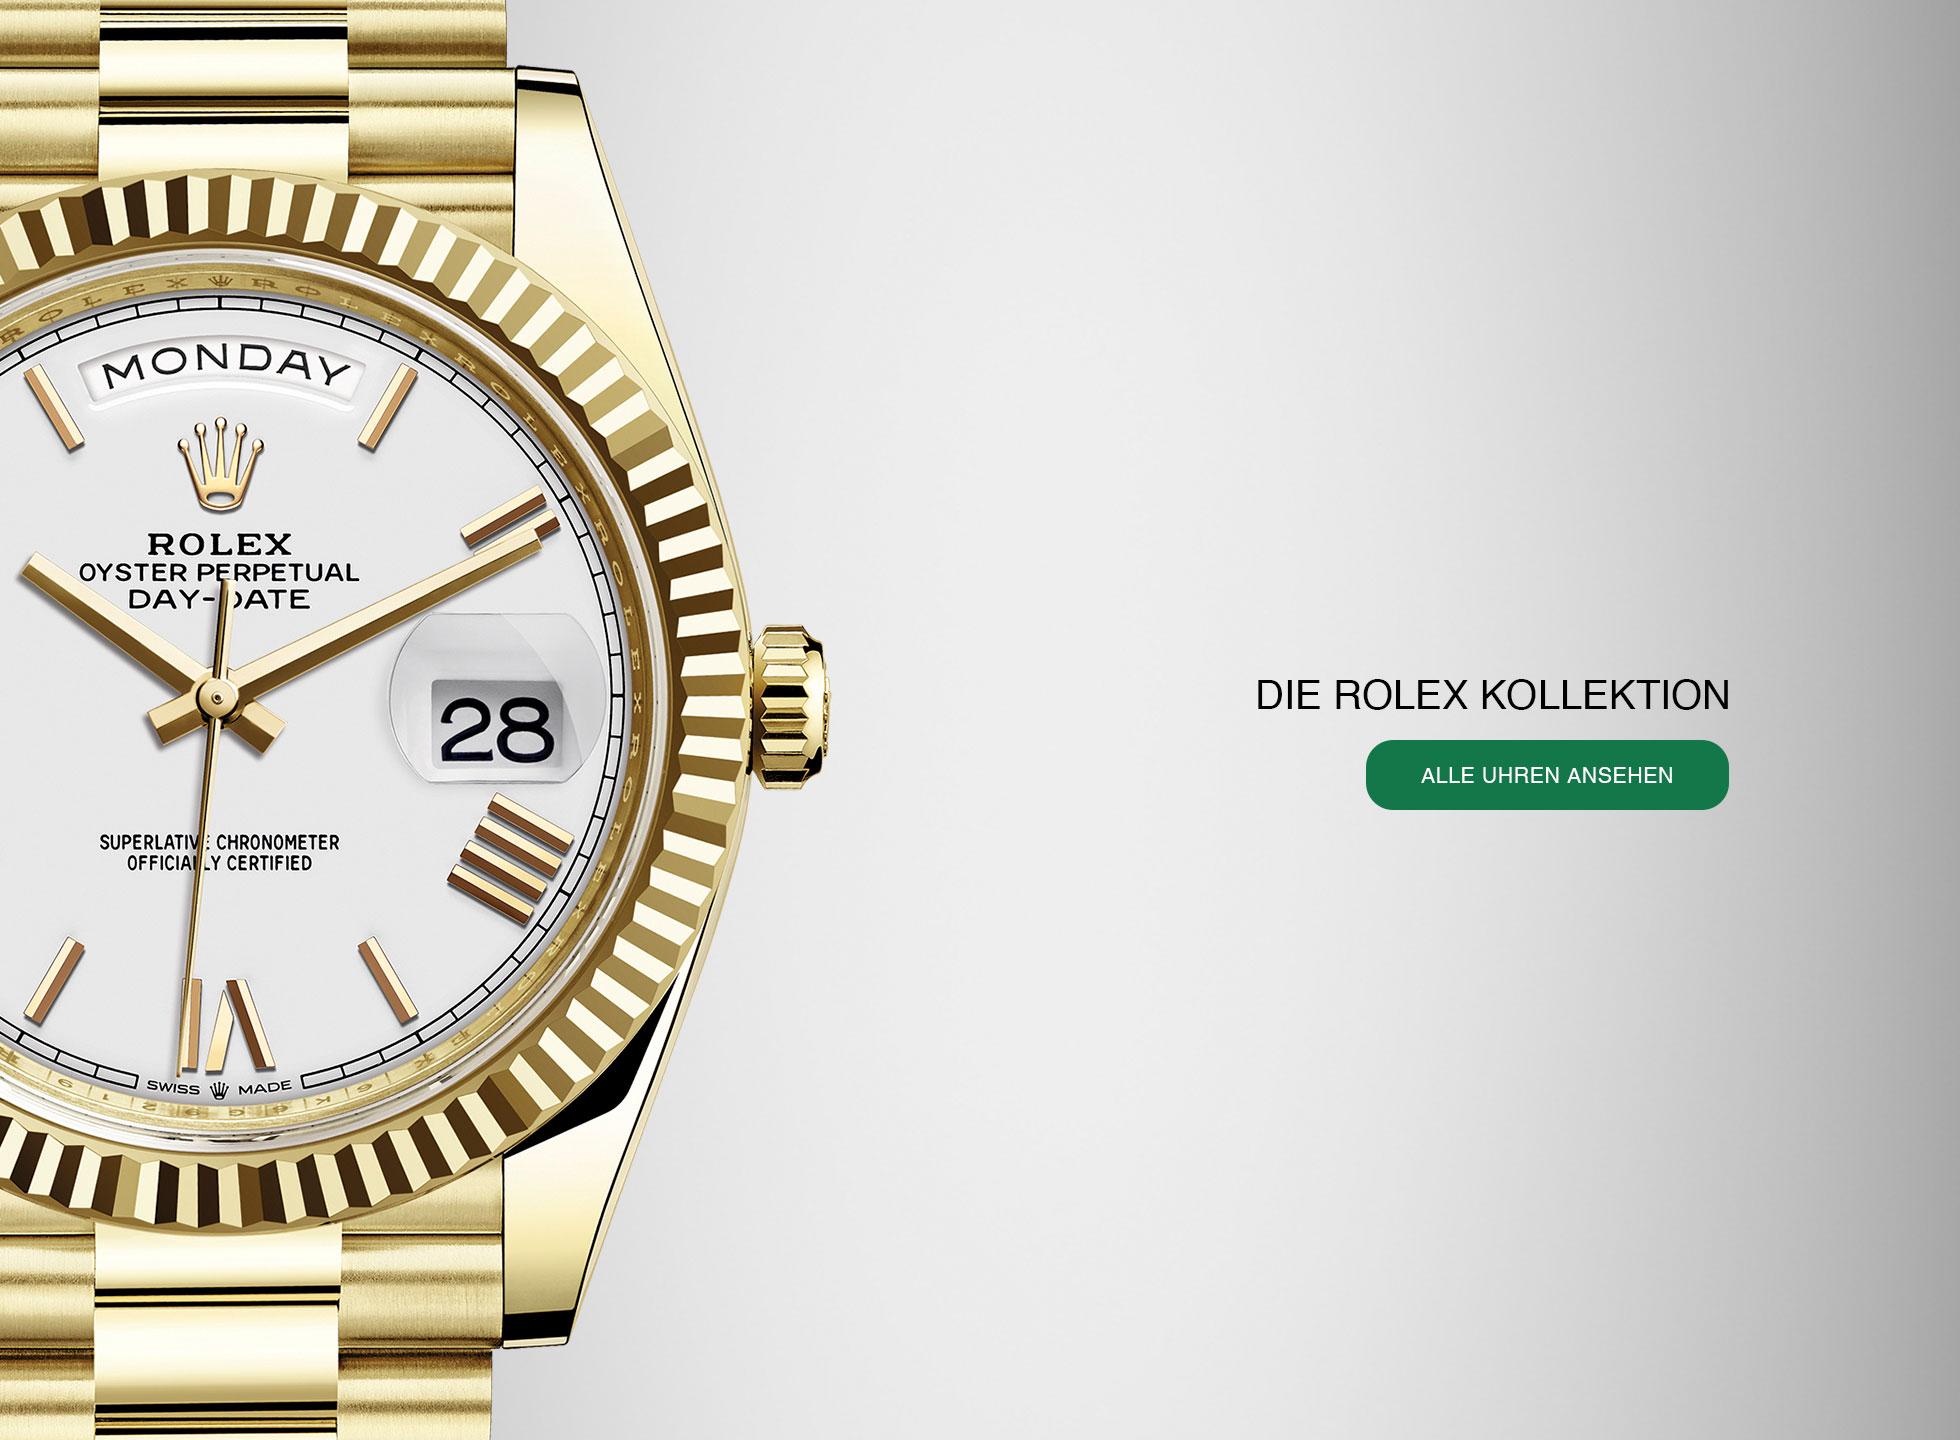 Entdecken Sie ROLEX bei Juwelier Hörl